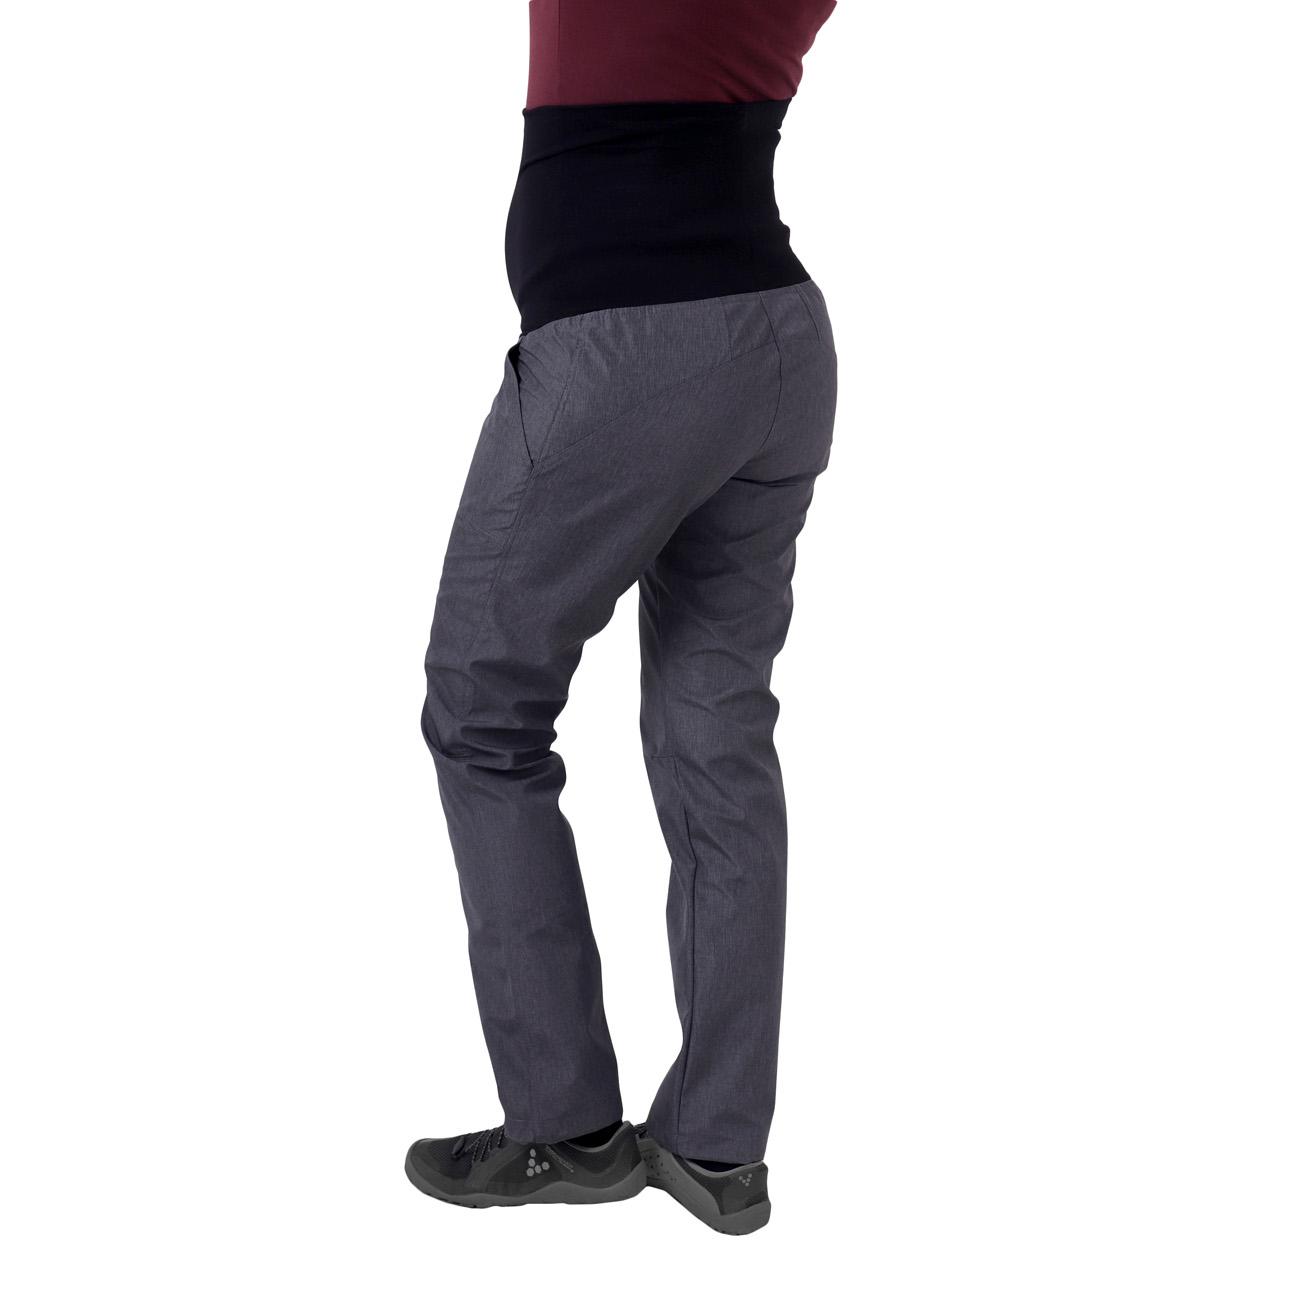 Jarní/letní těhotenské softshellové kalhoty liva, šedý melír, 46 normální délka